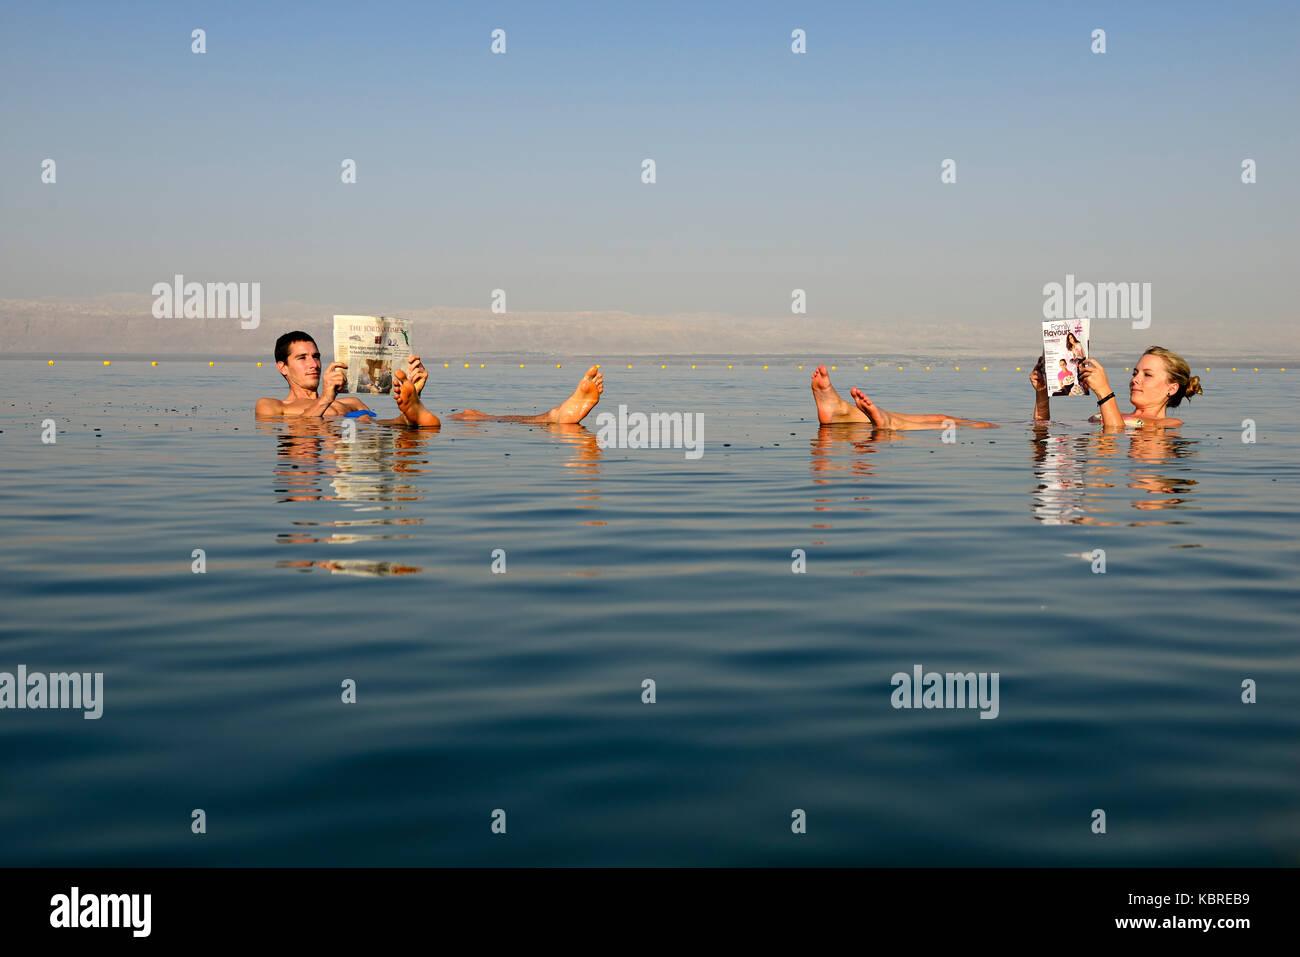 Pareja joven lee periódico flotando en el mar Muerto, Jordania Imagen De Stock